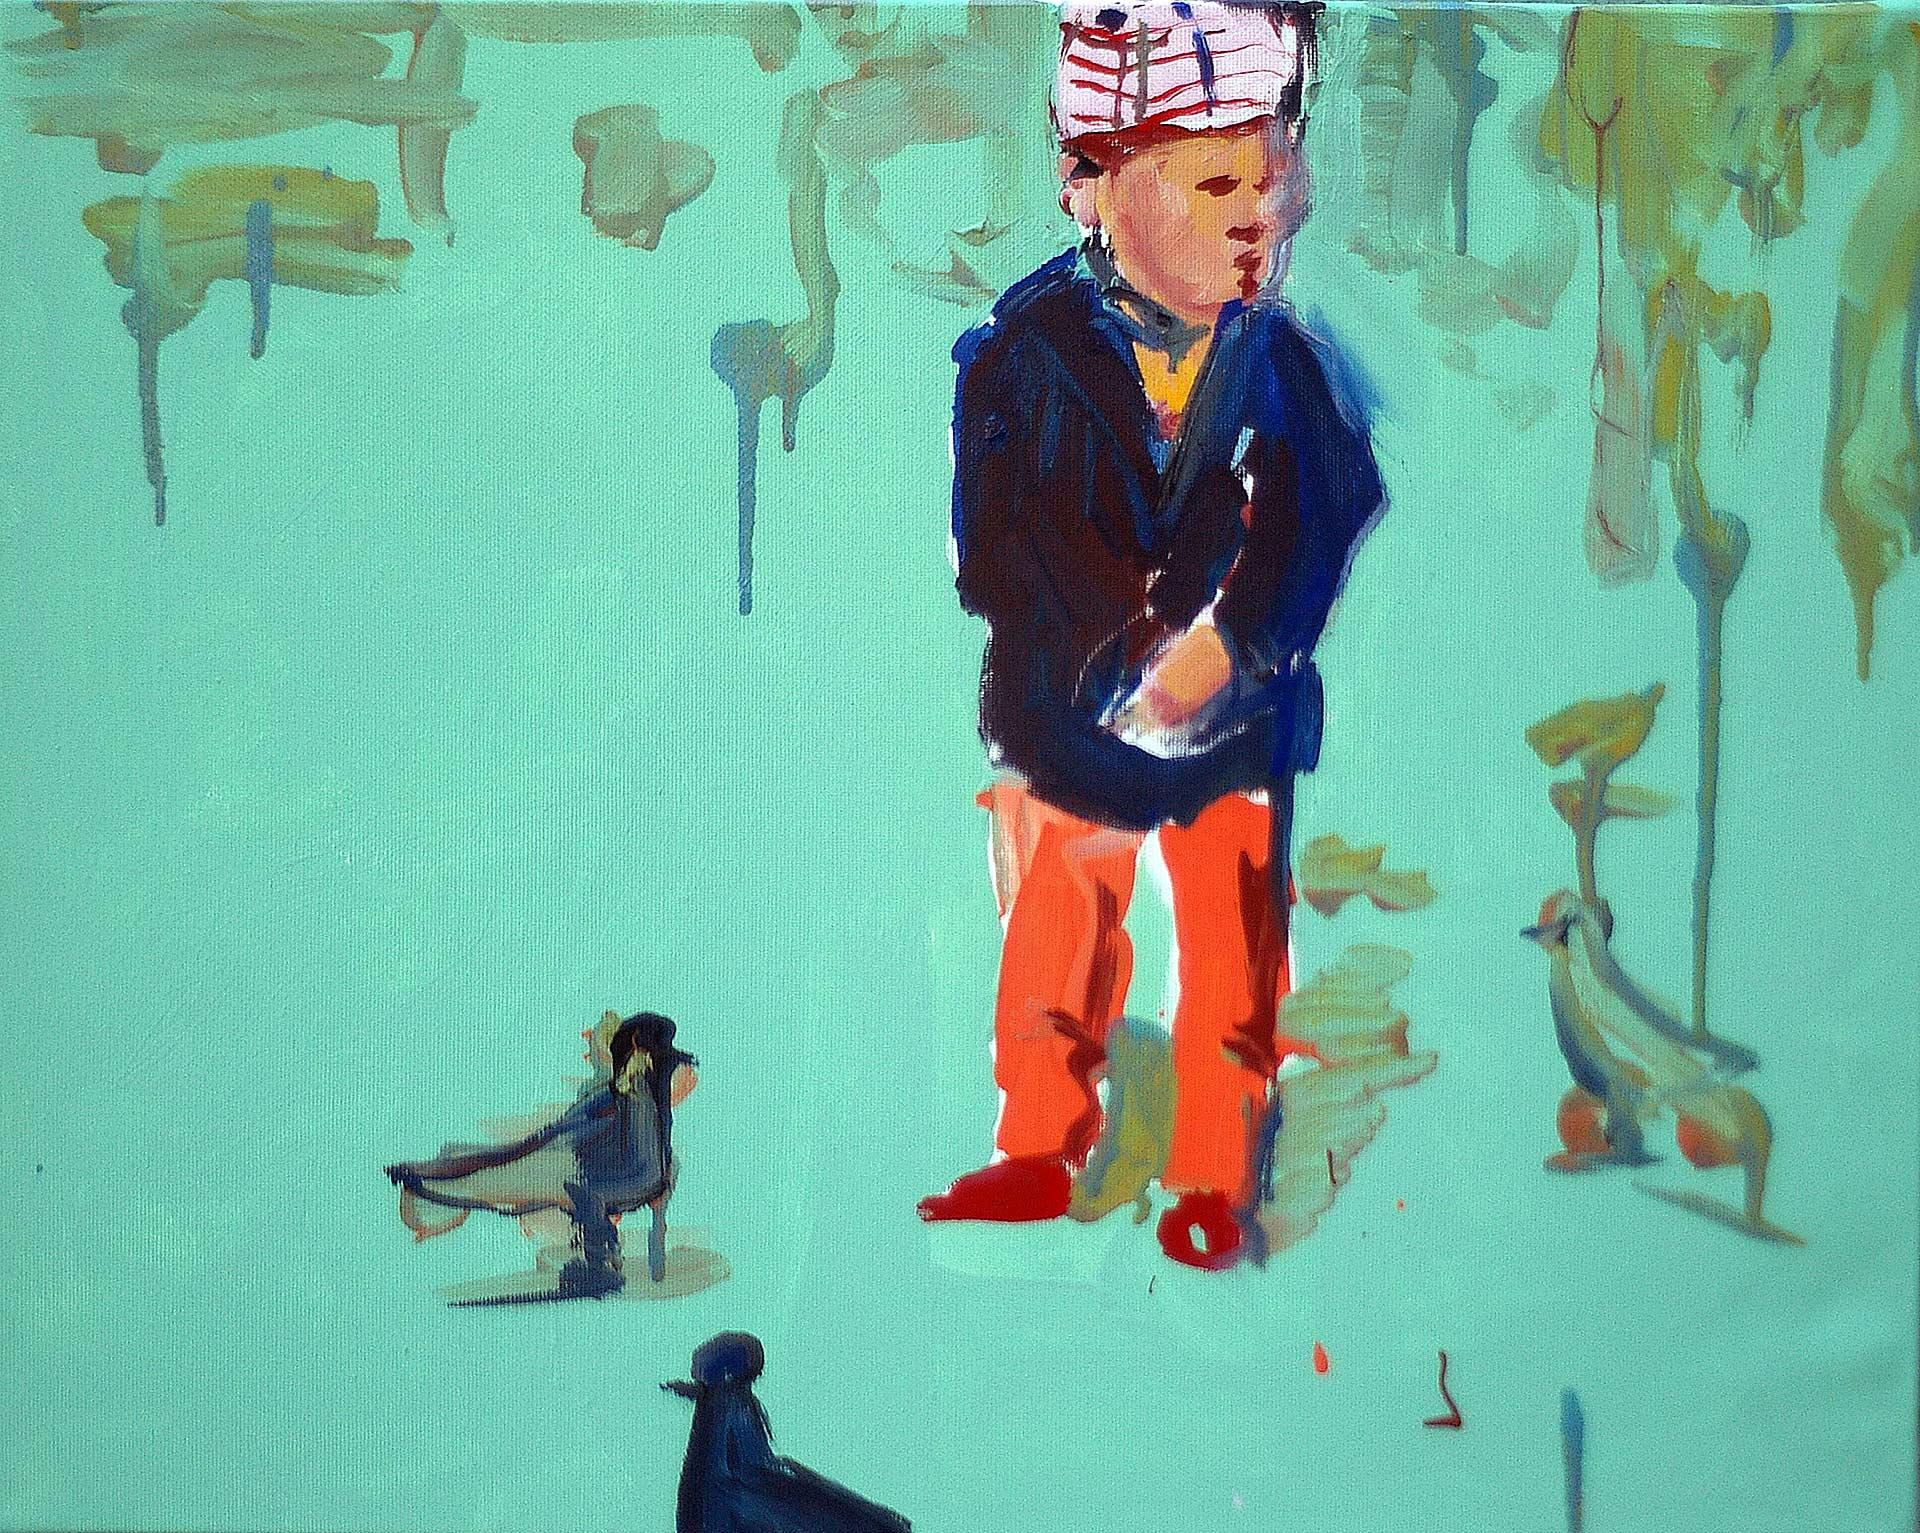 UP0908 2009, acrylic on canvas, 40 x 50 cm.